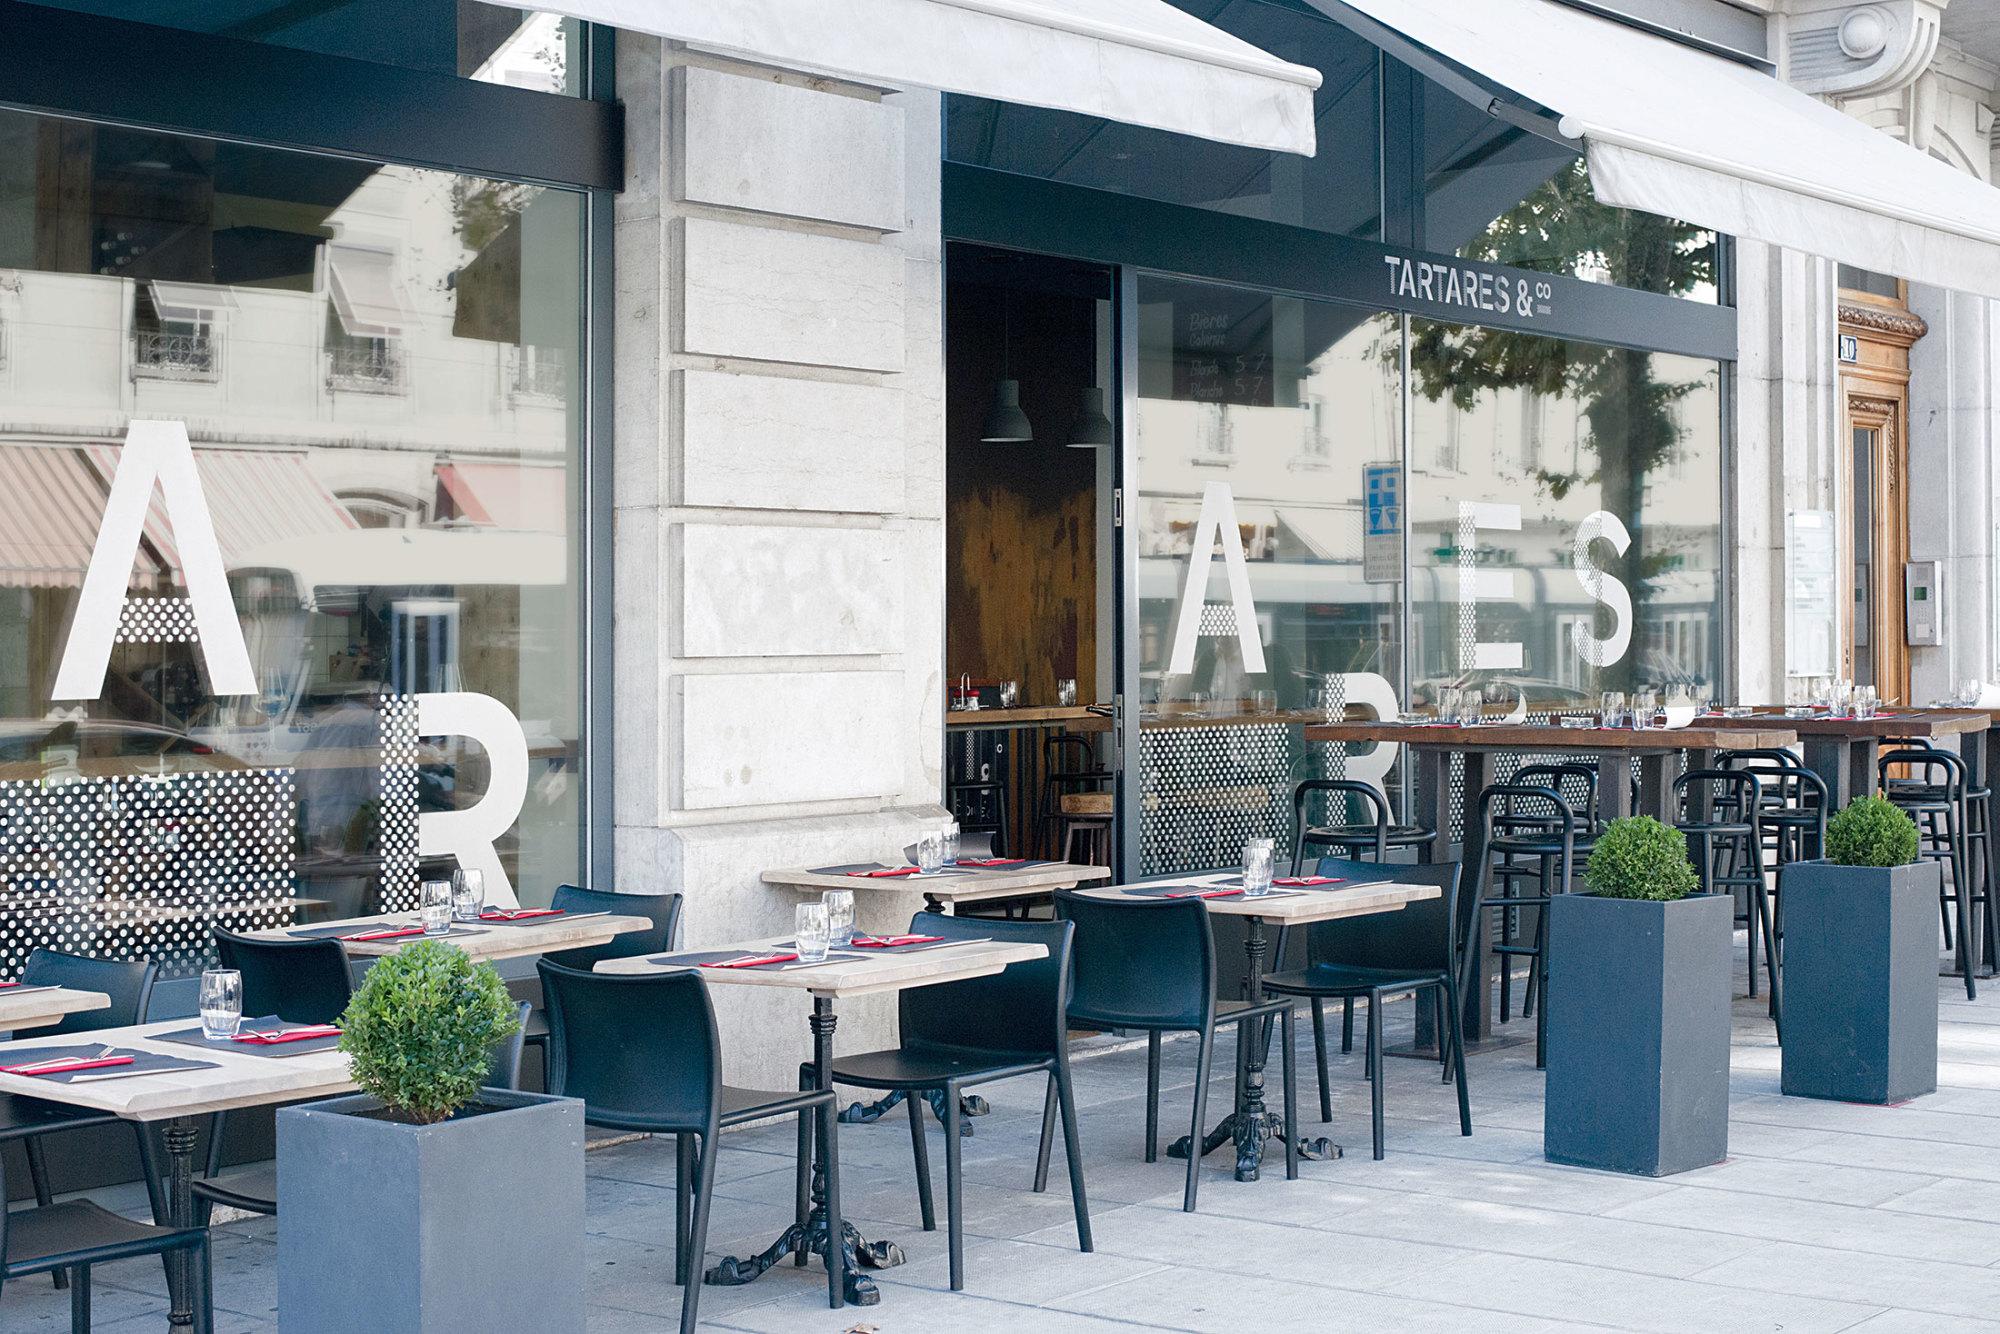 Graphisme Geneve graphic design graphique direction artistique logo identité visuelle identity branding brand  tartares & co bar restaurant grand prix 2015  layout charte graphique vitrine signalétique signage